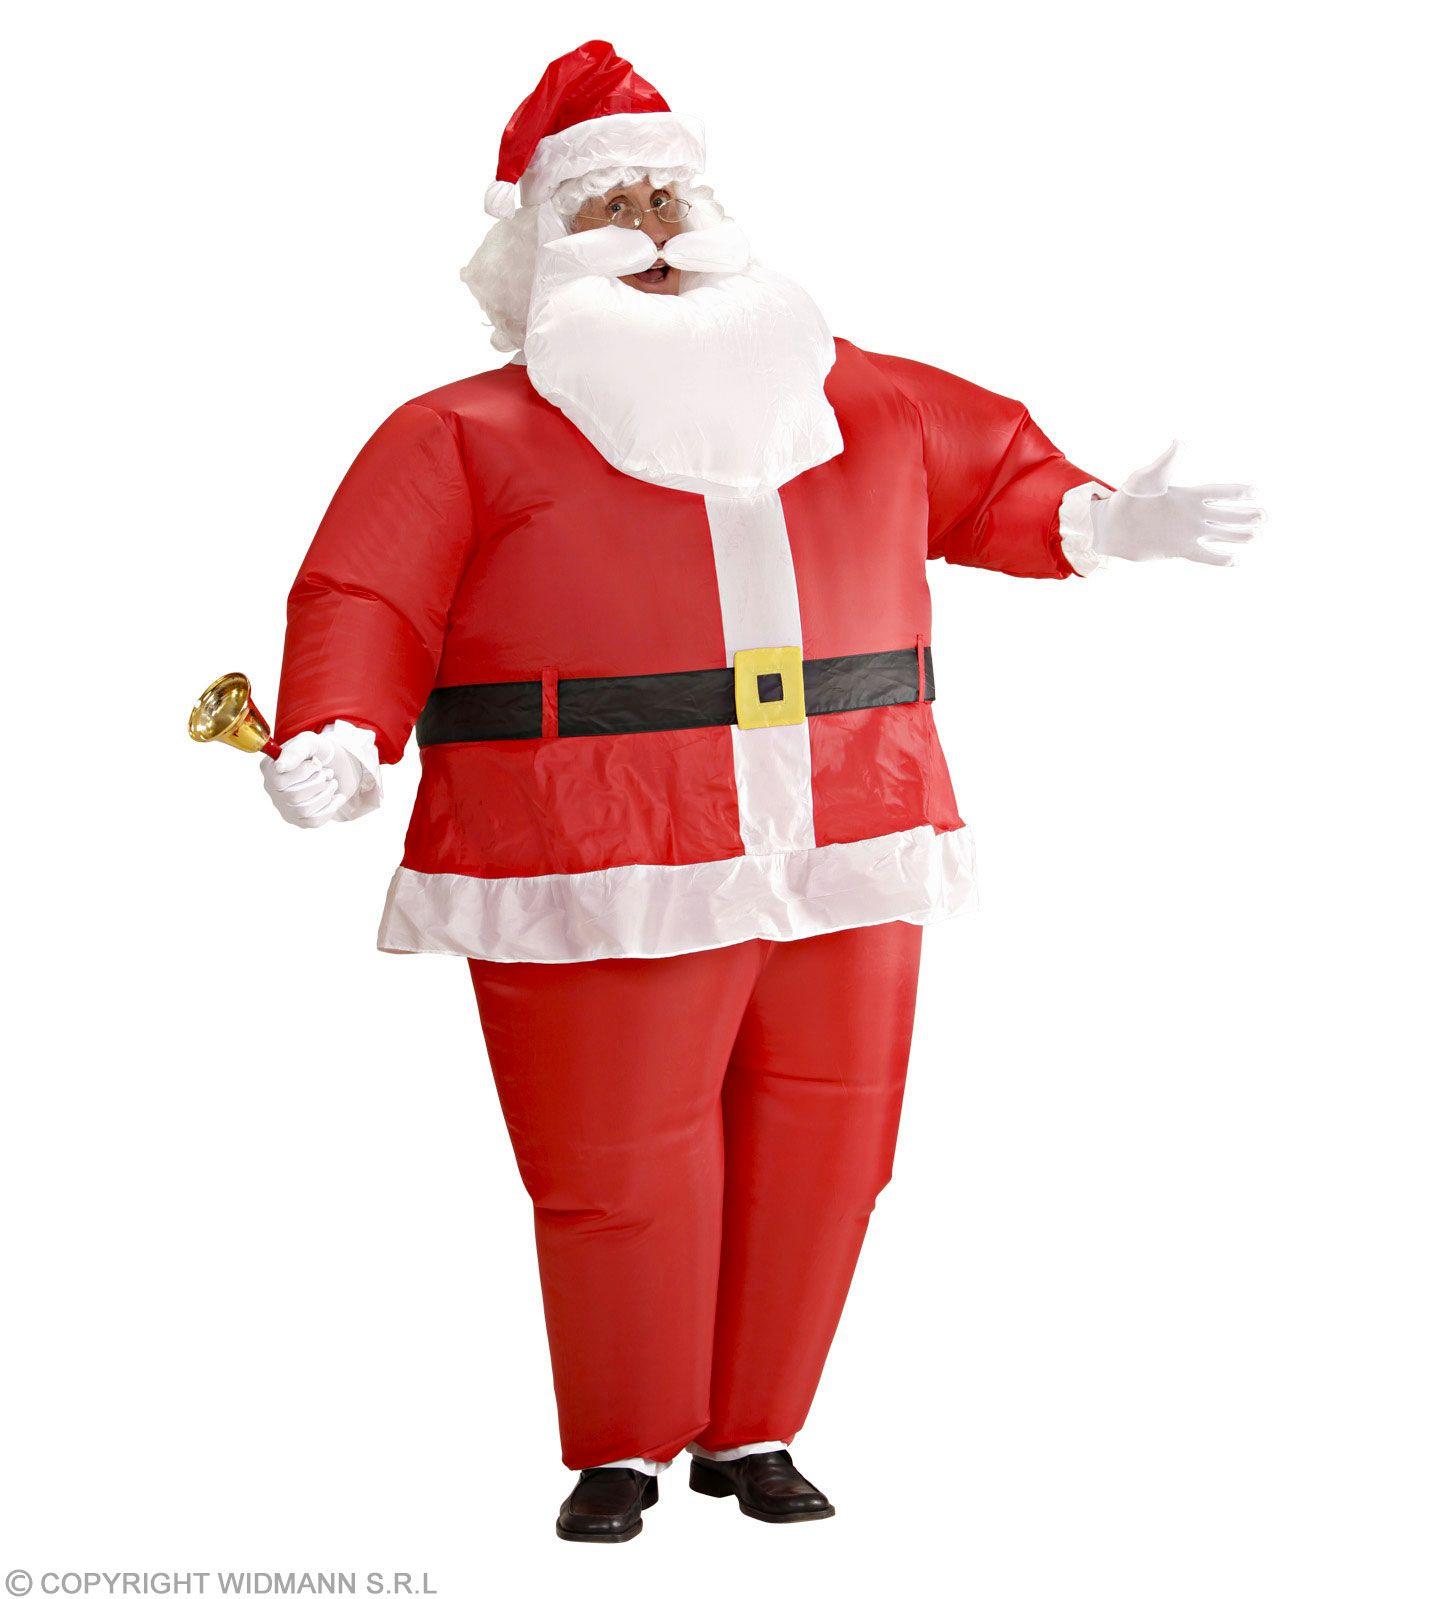 Hose Weihnachtsmann-Kost/üm 5-Teilig Nikolaus Kost/üm Bart G/ürtel Verkjleidung Weihnachtsmann Jacke Weihnachtsmann-M/ütze Kost/üm Christmas